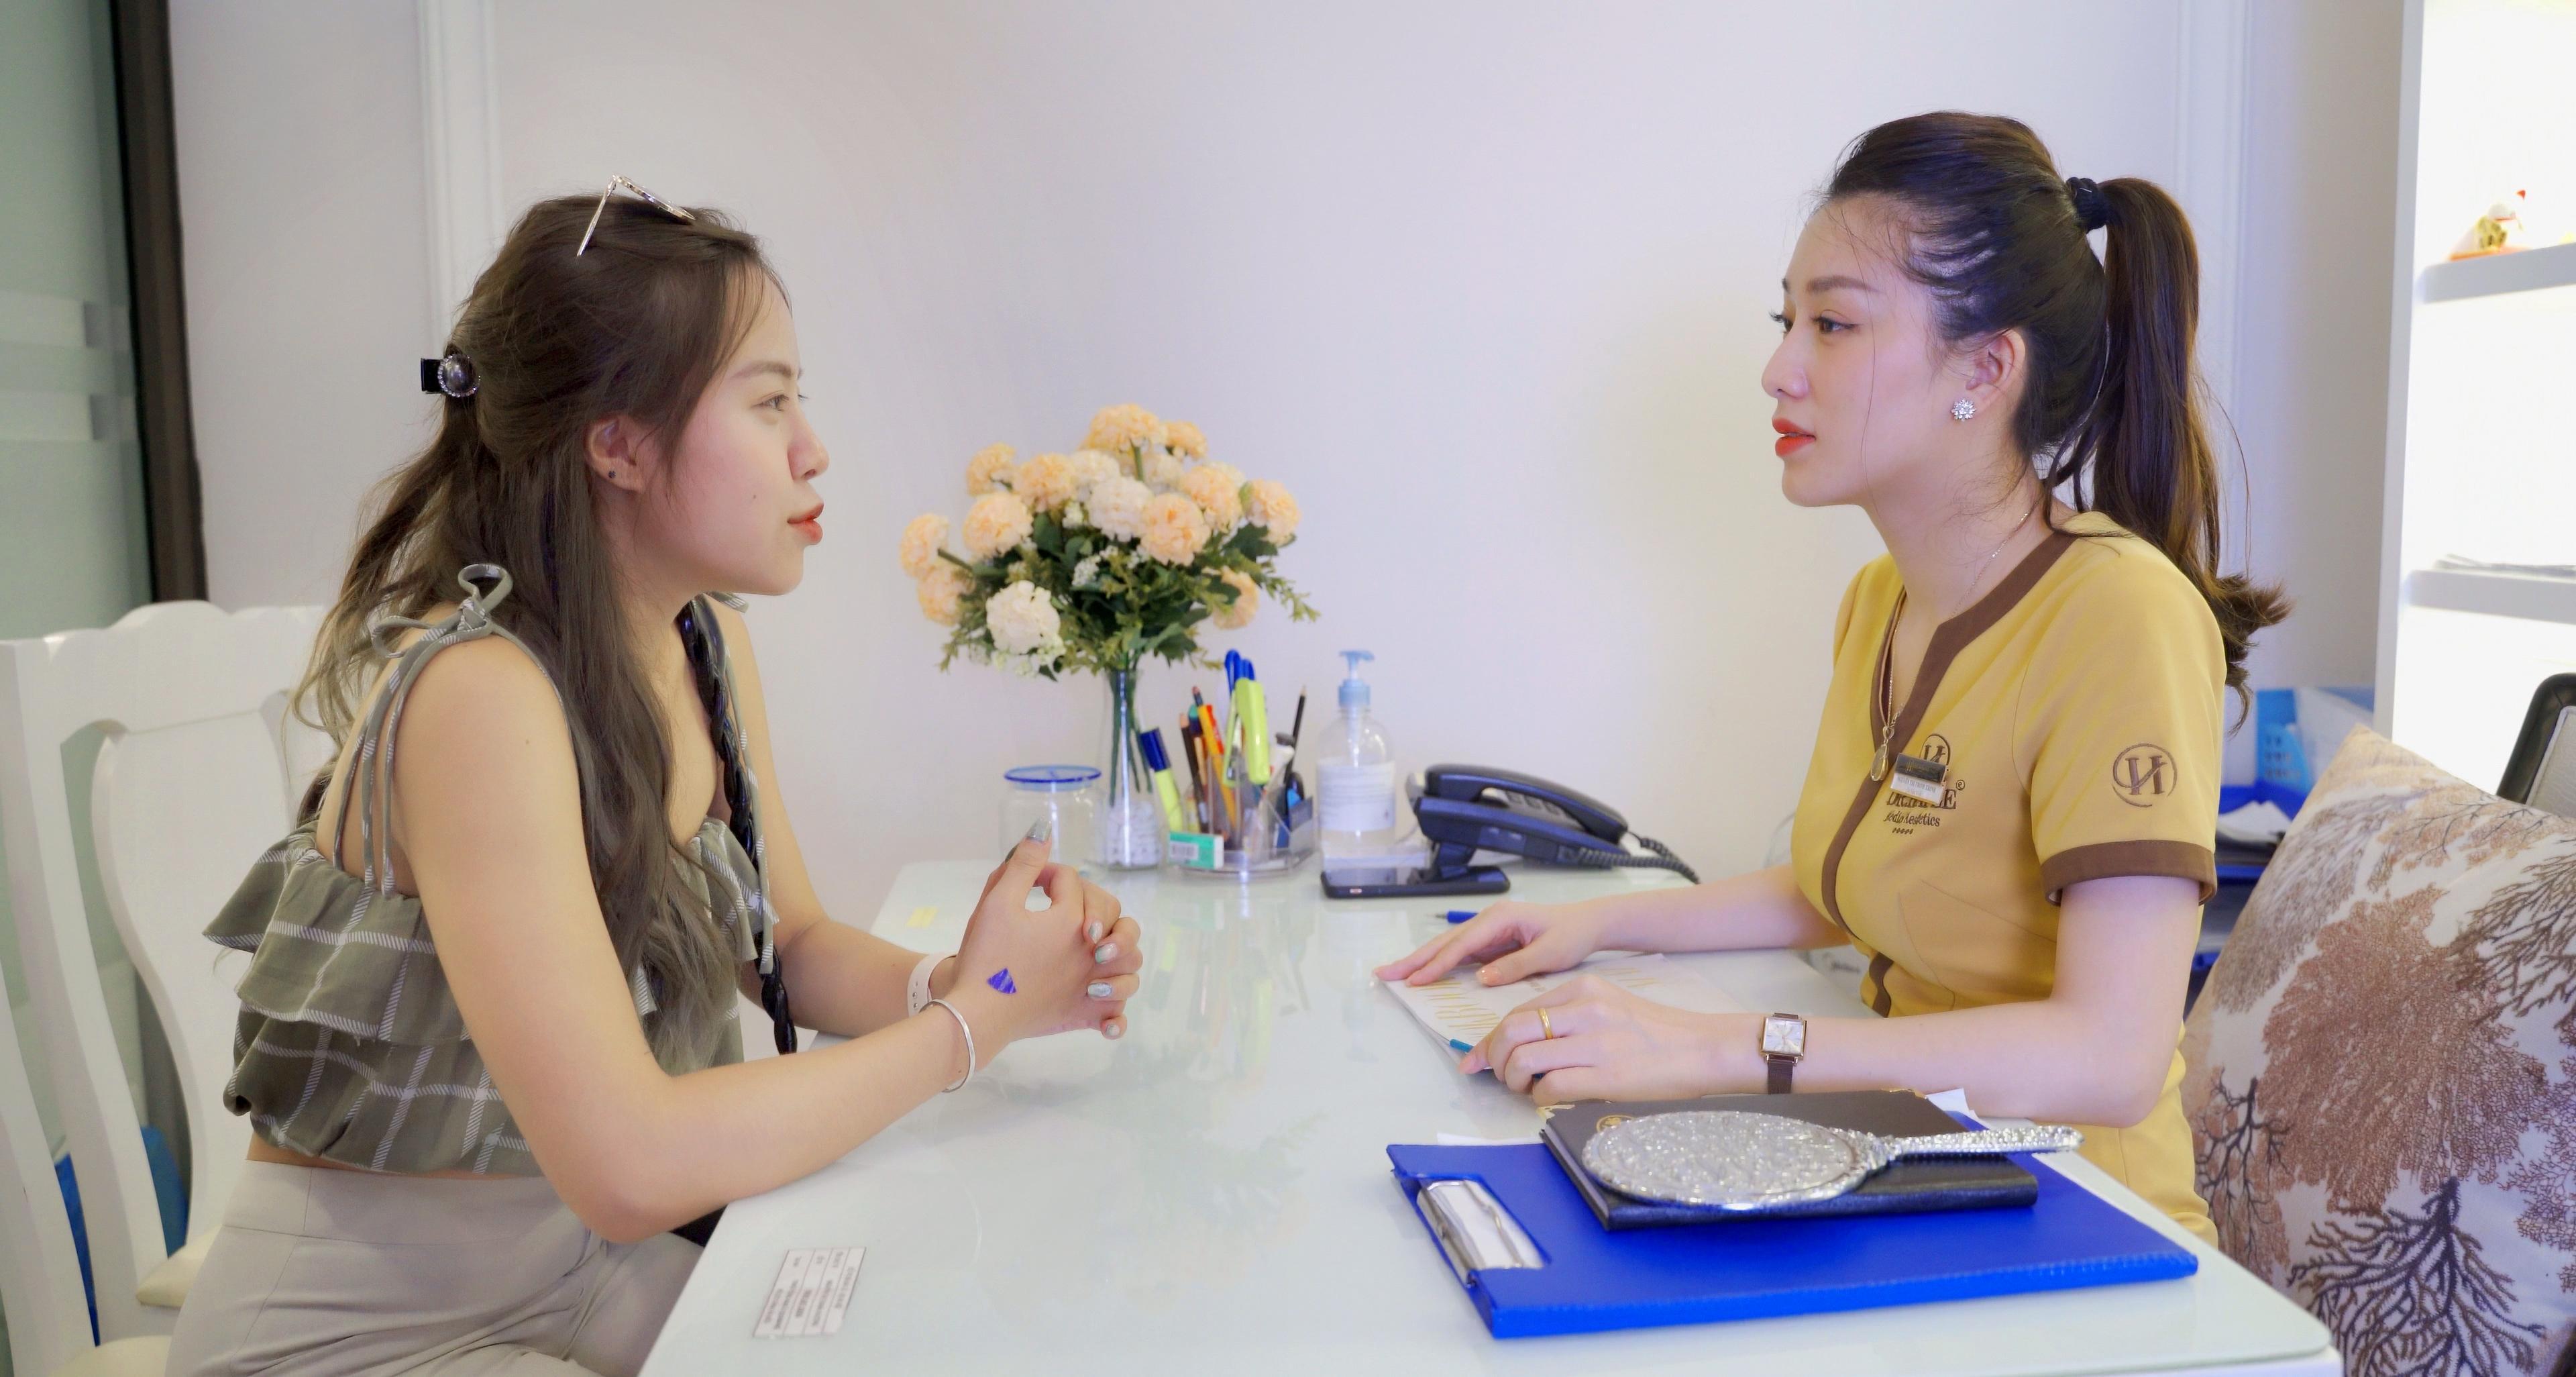 Bước 1: Tư vấn và thăm khám tình trạng mí mắt dưới và cấp độ hỏng